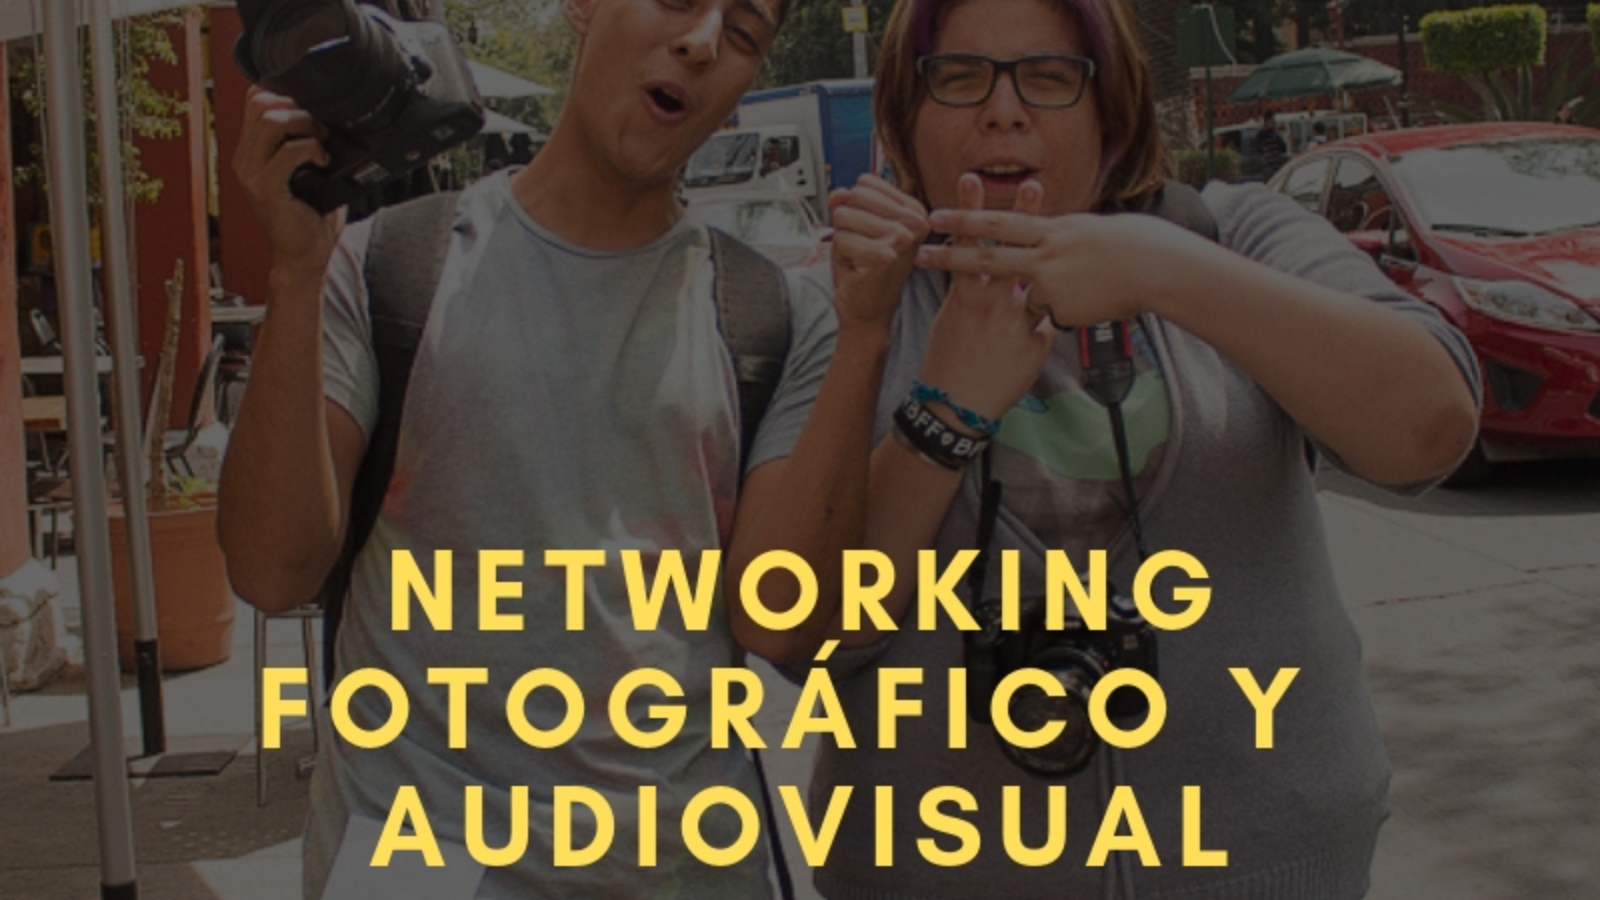 Noche de networking fotográfico y medios audiovisuales